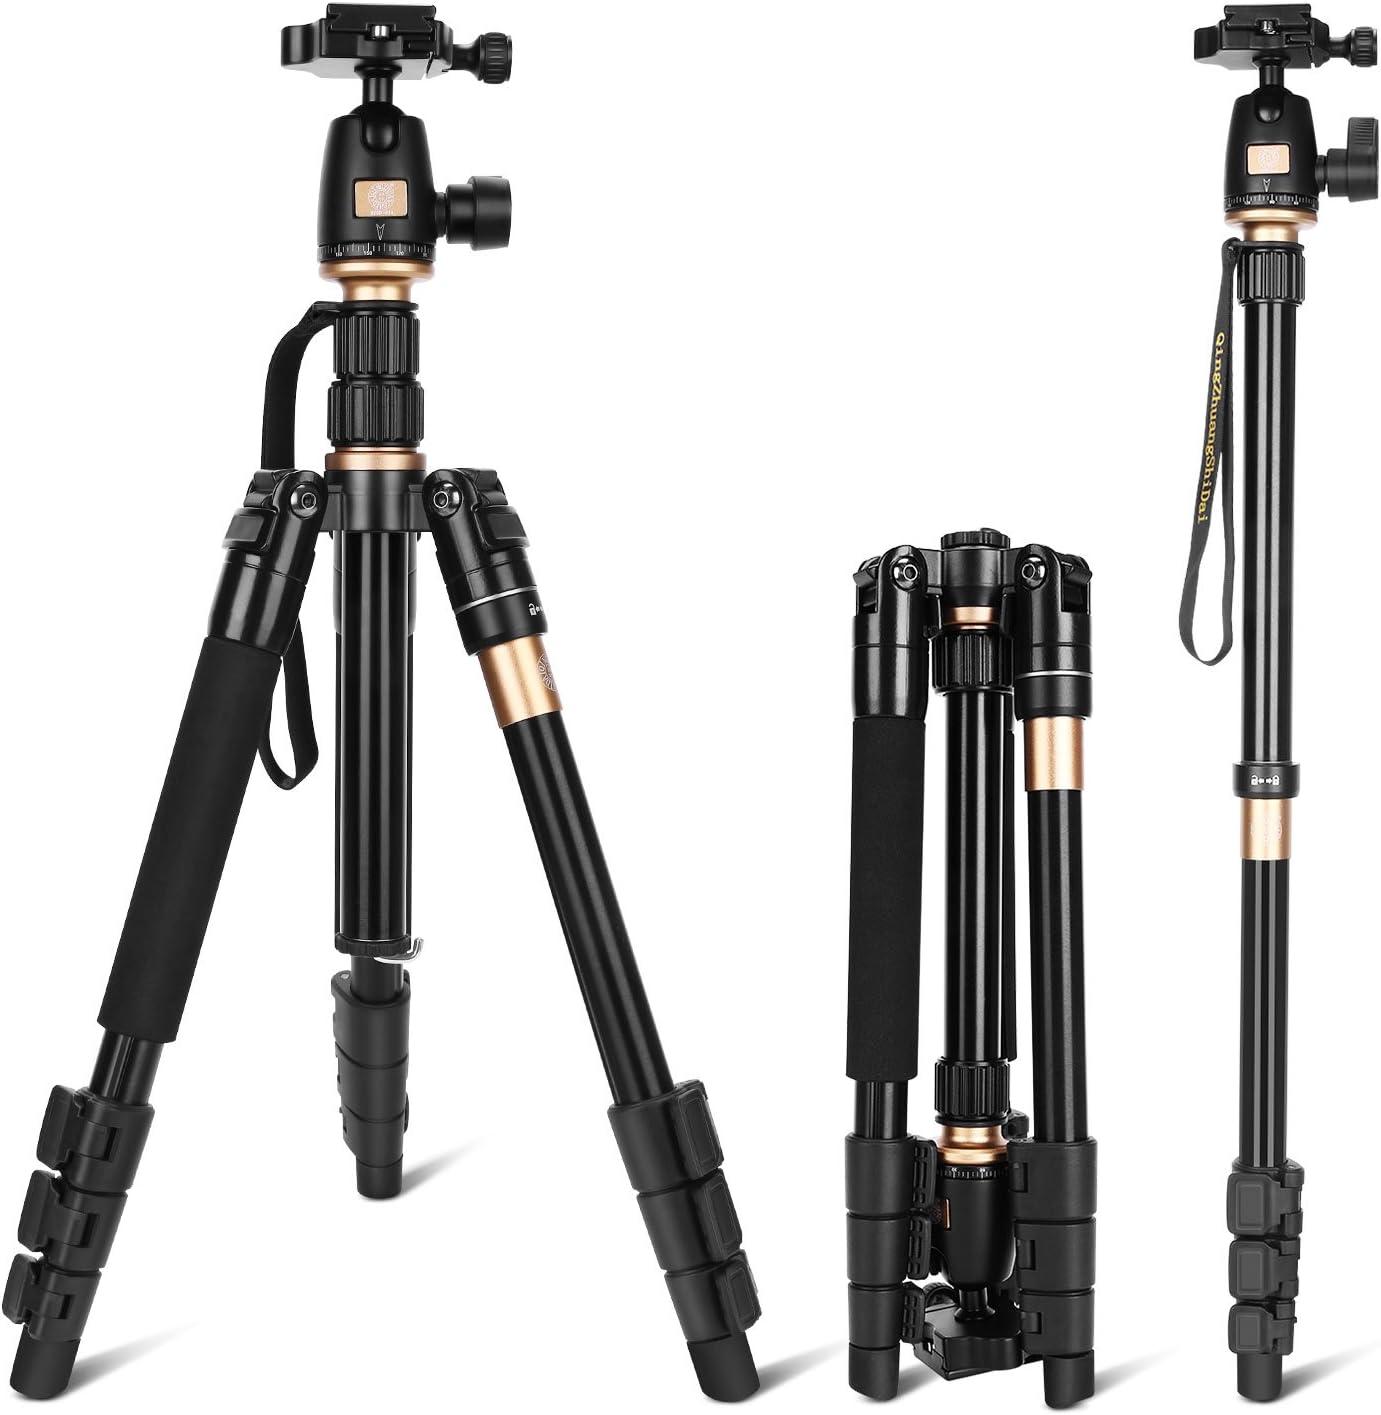 LOETAD Trípode Completo Trípode Monópode Flexible para Cámara con Rótula de Bola Placa Rápida Liberación para Canon Nikon Sony Panasonic DSLR: Amazon.es: Electrónica